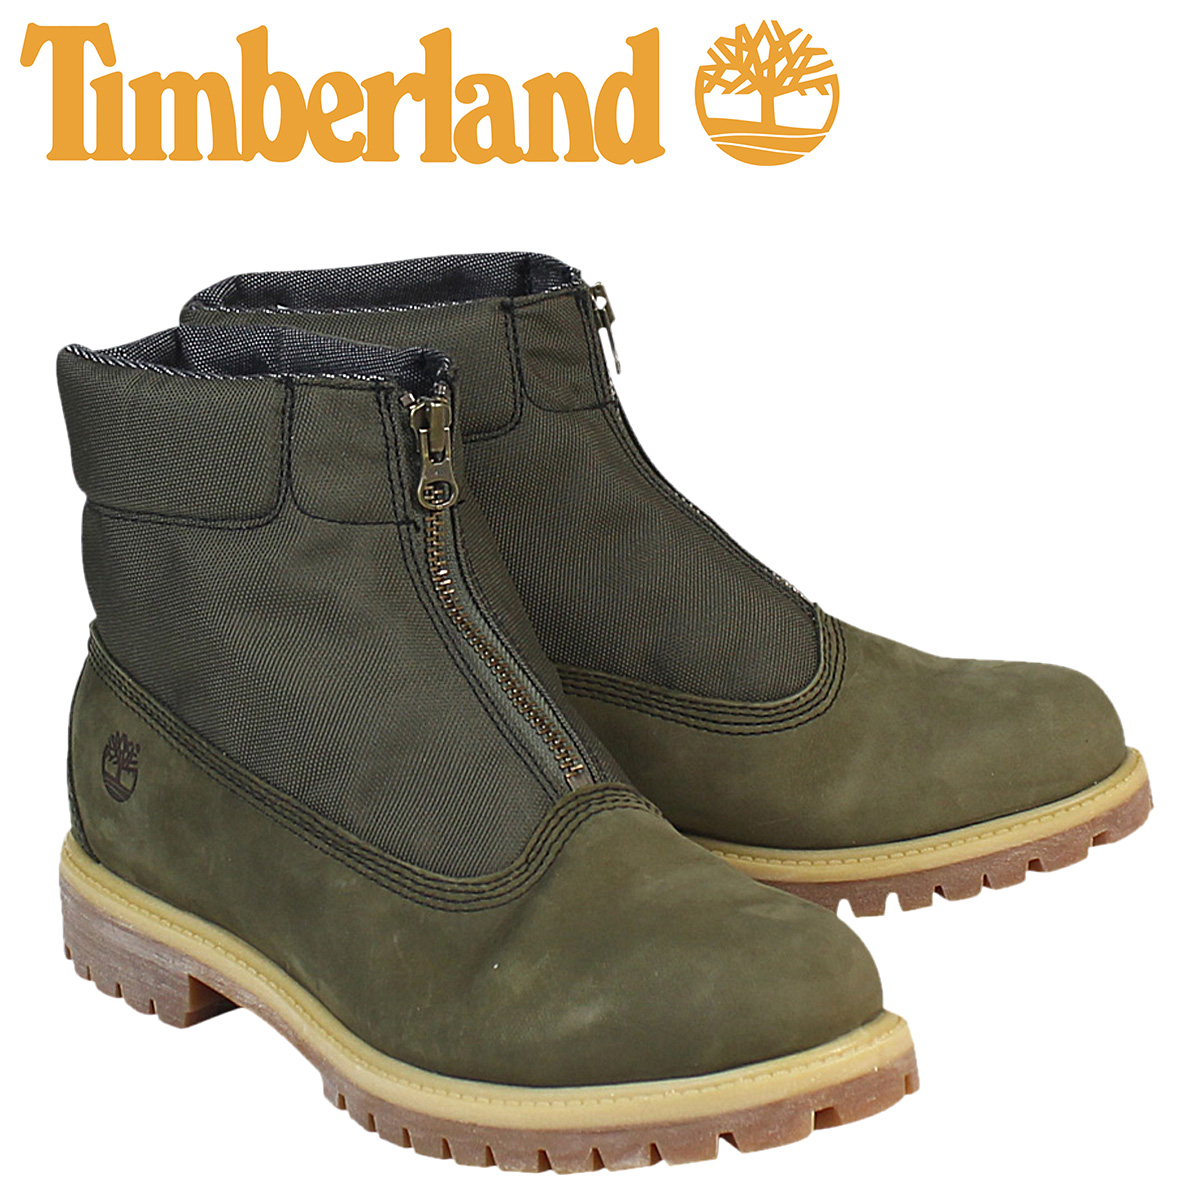 schnüren in aliexpress bieten Rabatte Timberland Timberland ICON PREMIUM ZIP TOP CHUKKA ブーツアイコンプレミアムジップトップチャッカ  6528B W Wise army green men